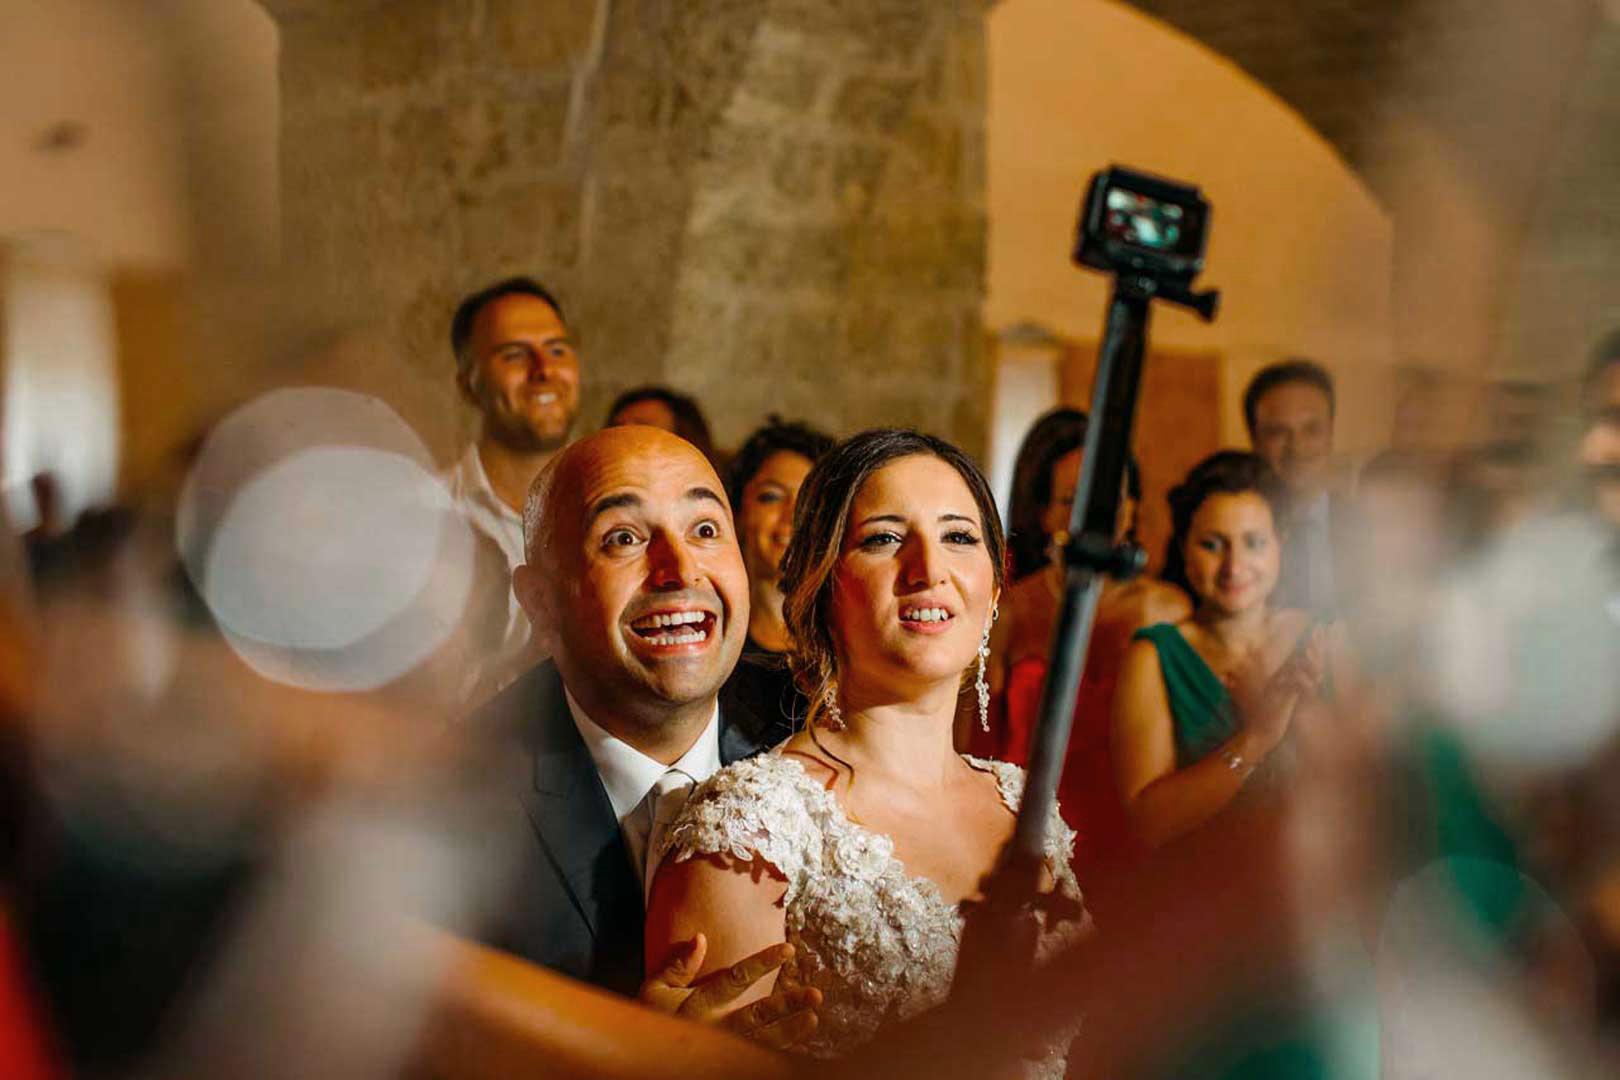 032-balli-matrimonio-gianni-lepore-fotografo-foggia